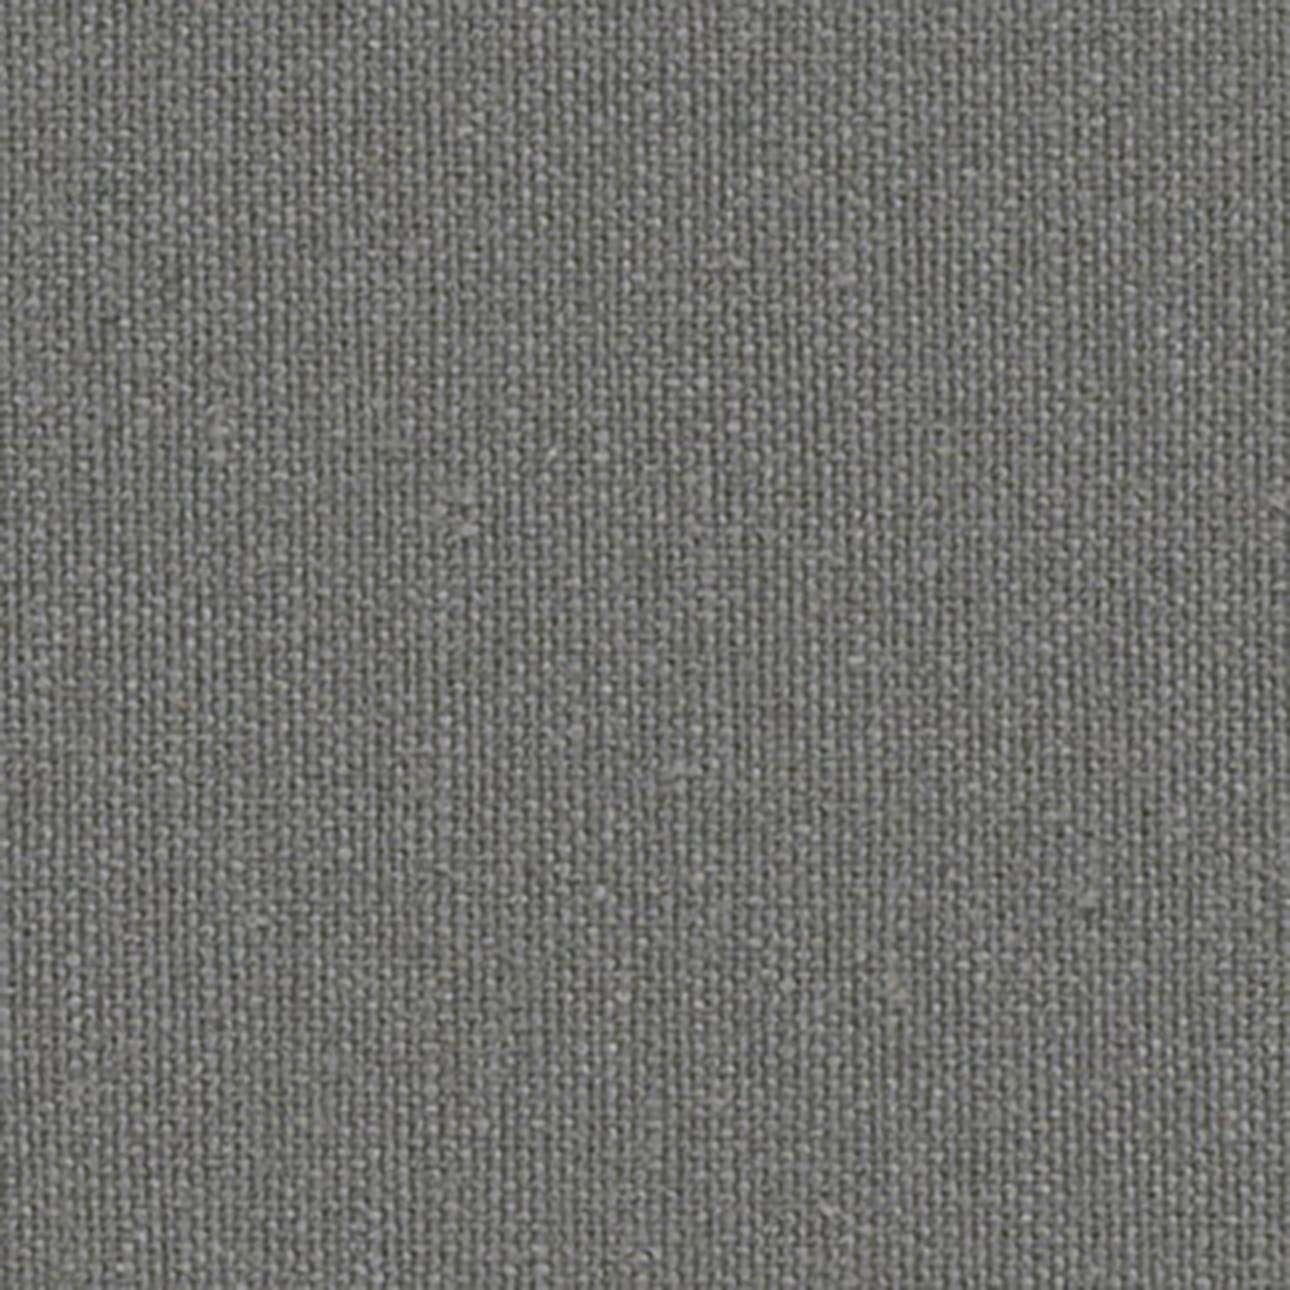 Závěs na kroužcích v kolekci Quadro, látka: 136-14